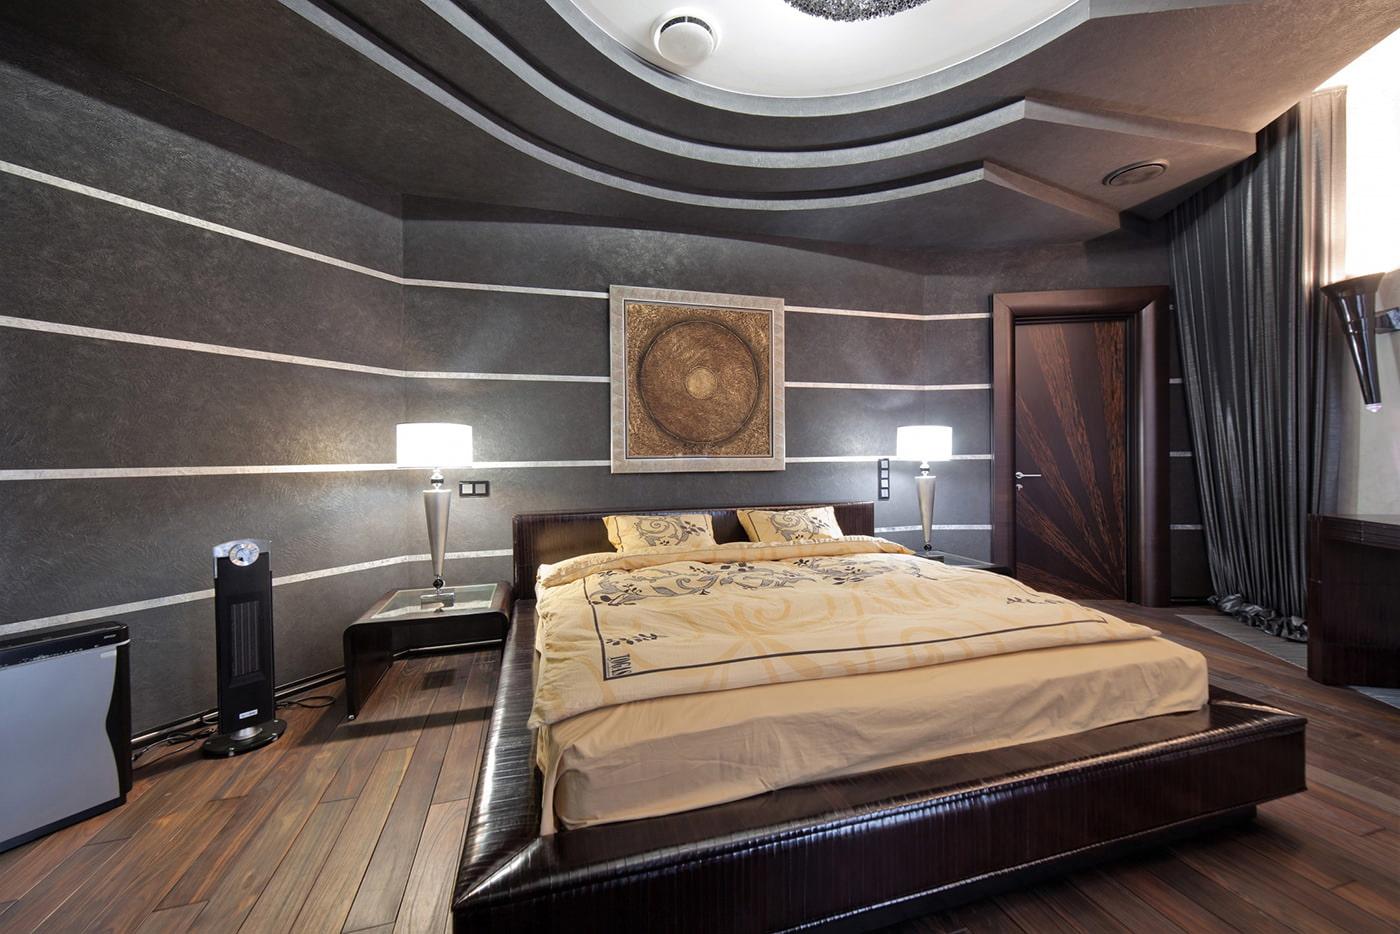 дизайн спальни с темно-серыми обоями